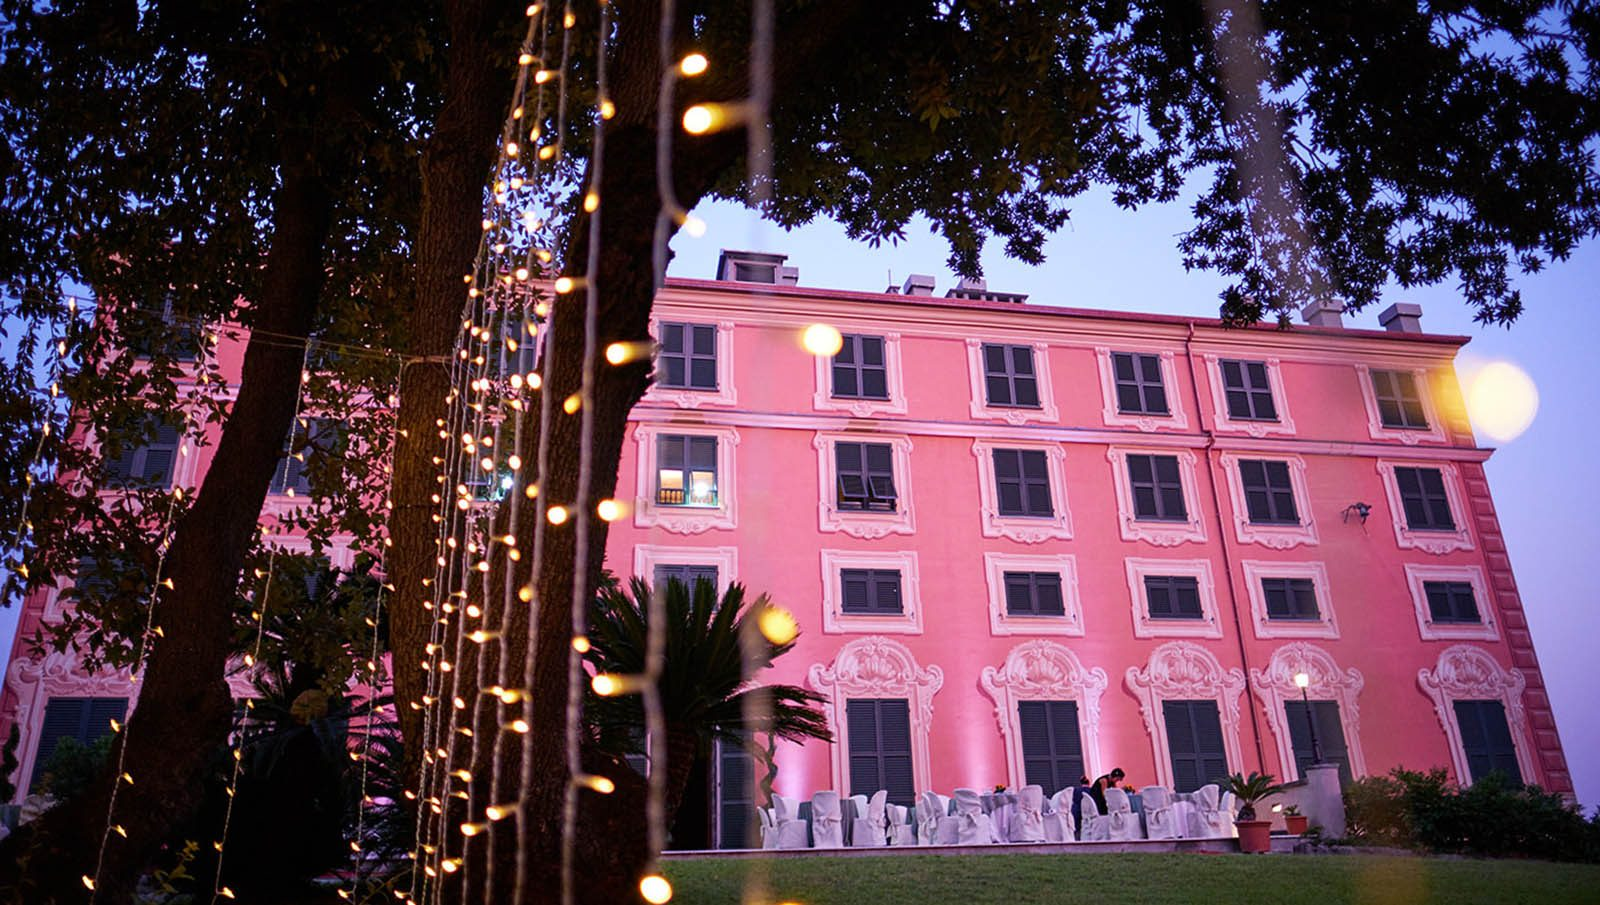 la spagnula gavotti - giardino di sera